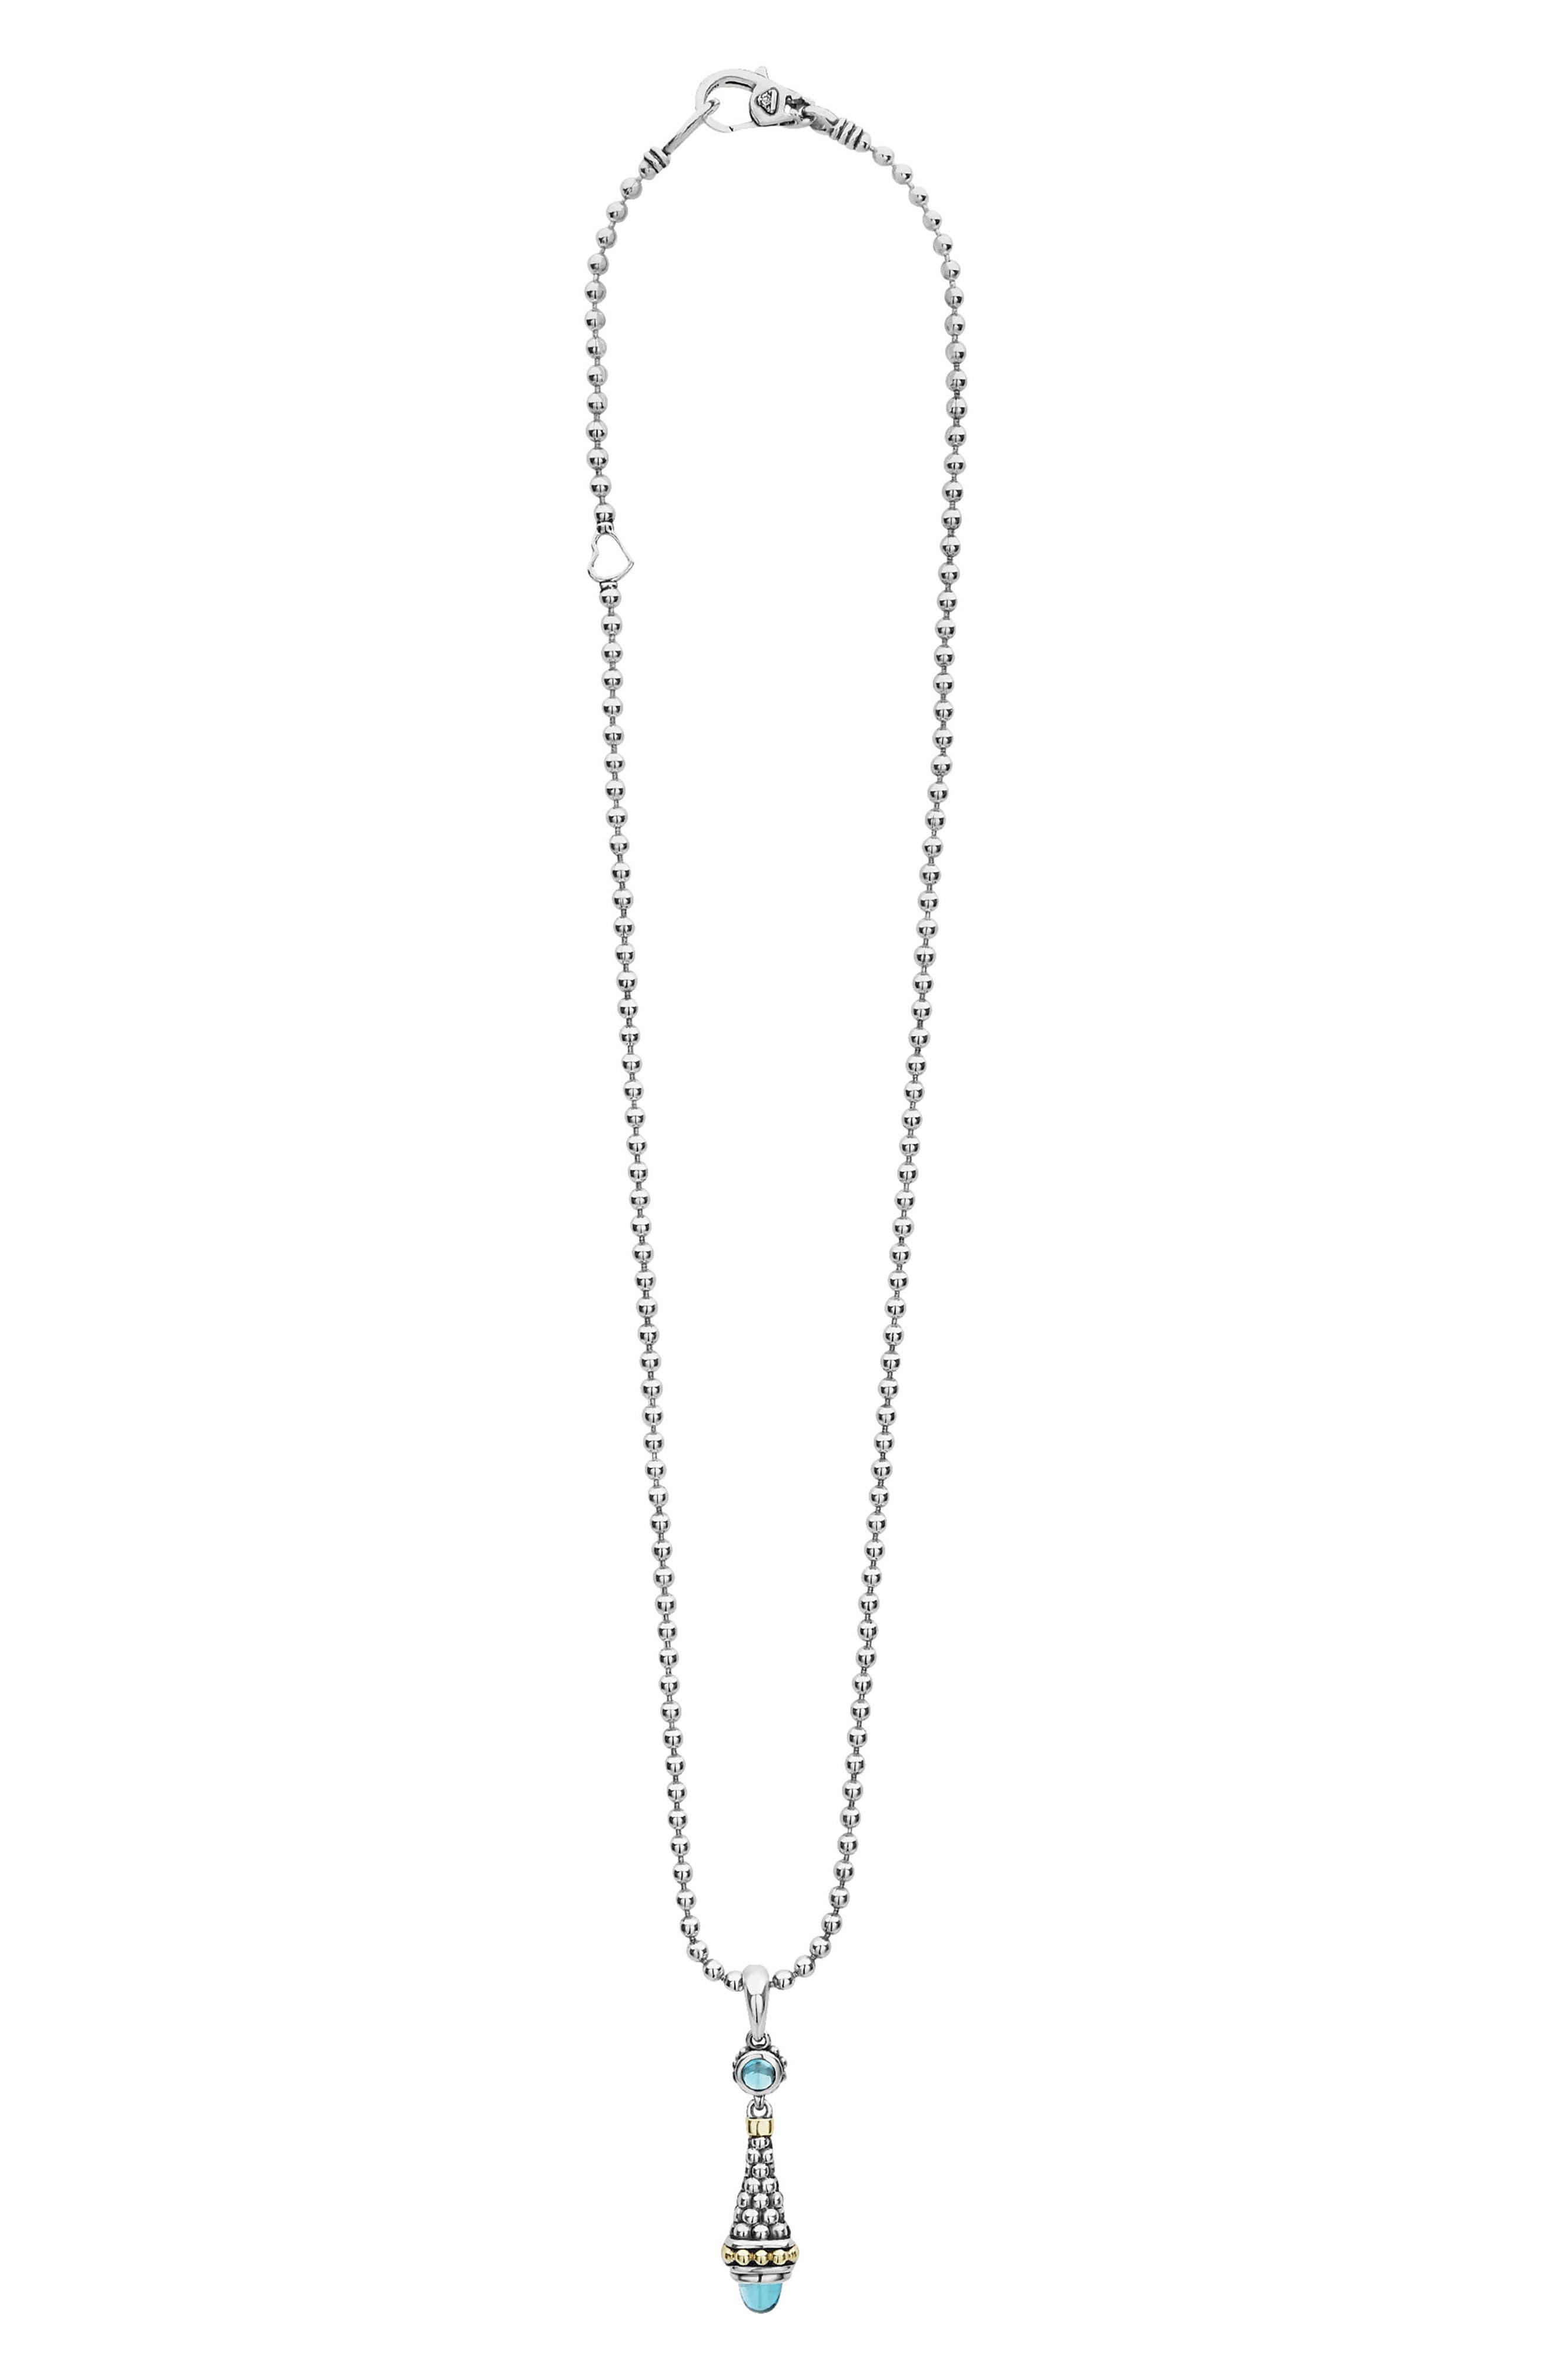 Signature Caviar & Blue Topaz Bullet Pendant Necklace,                             Main thumbnail 1, color,                             SILVER/ BLUE TOPAZ